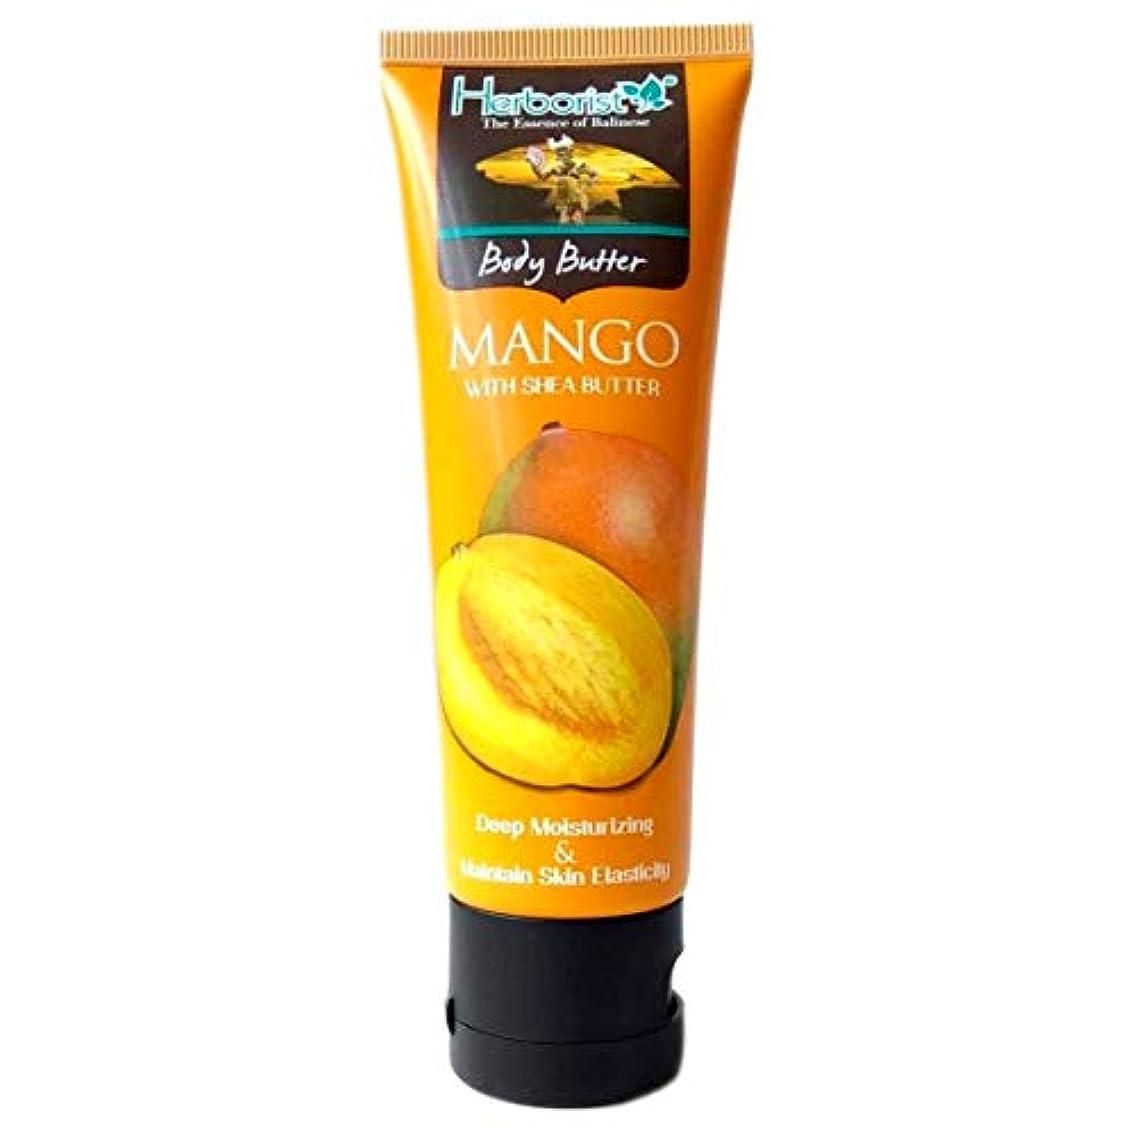 植生アシュリータファーマン足音Herborist ハーボリスト Body Butter ボディバター バリスイーツの香り シアバター配合 80g Mango マンゴー [海外直送品]